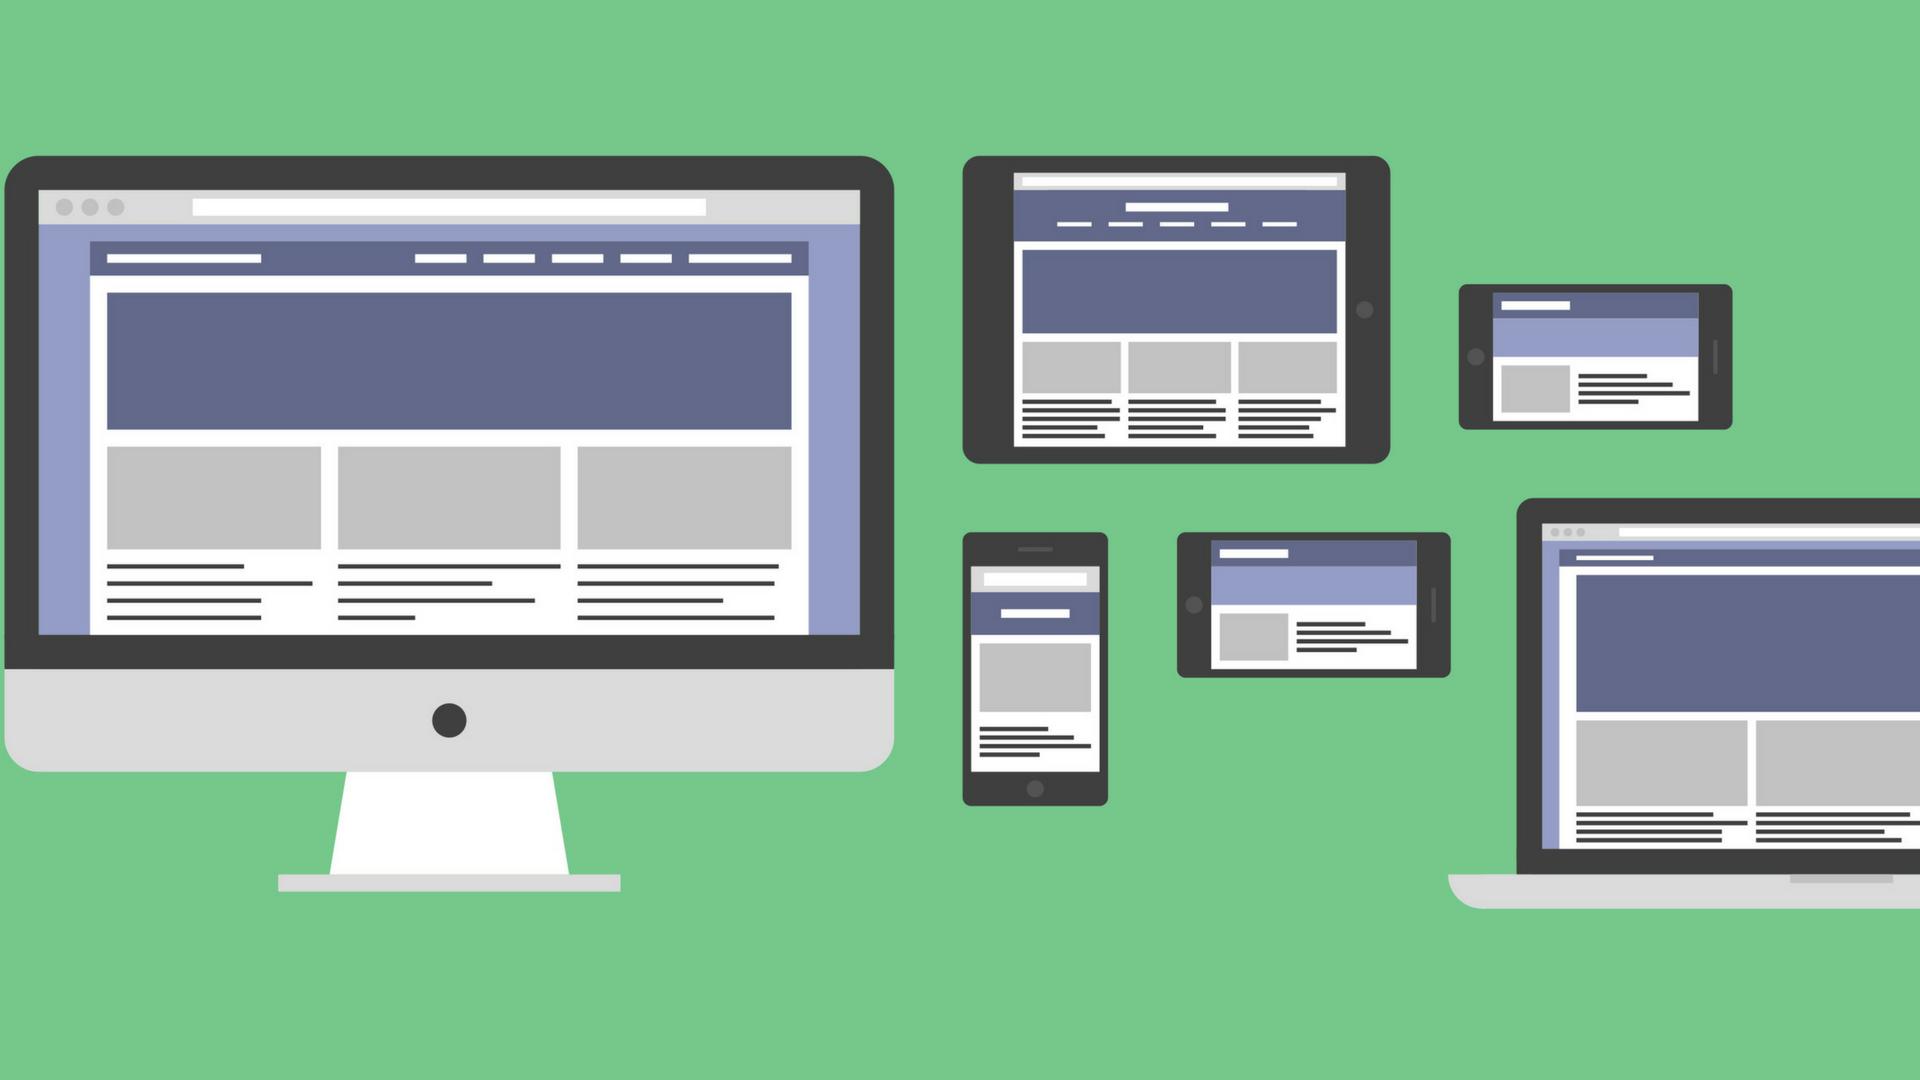 Web Design Trends Taking Shape in 2016